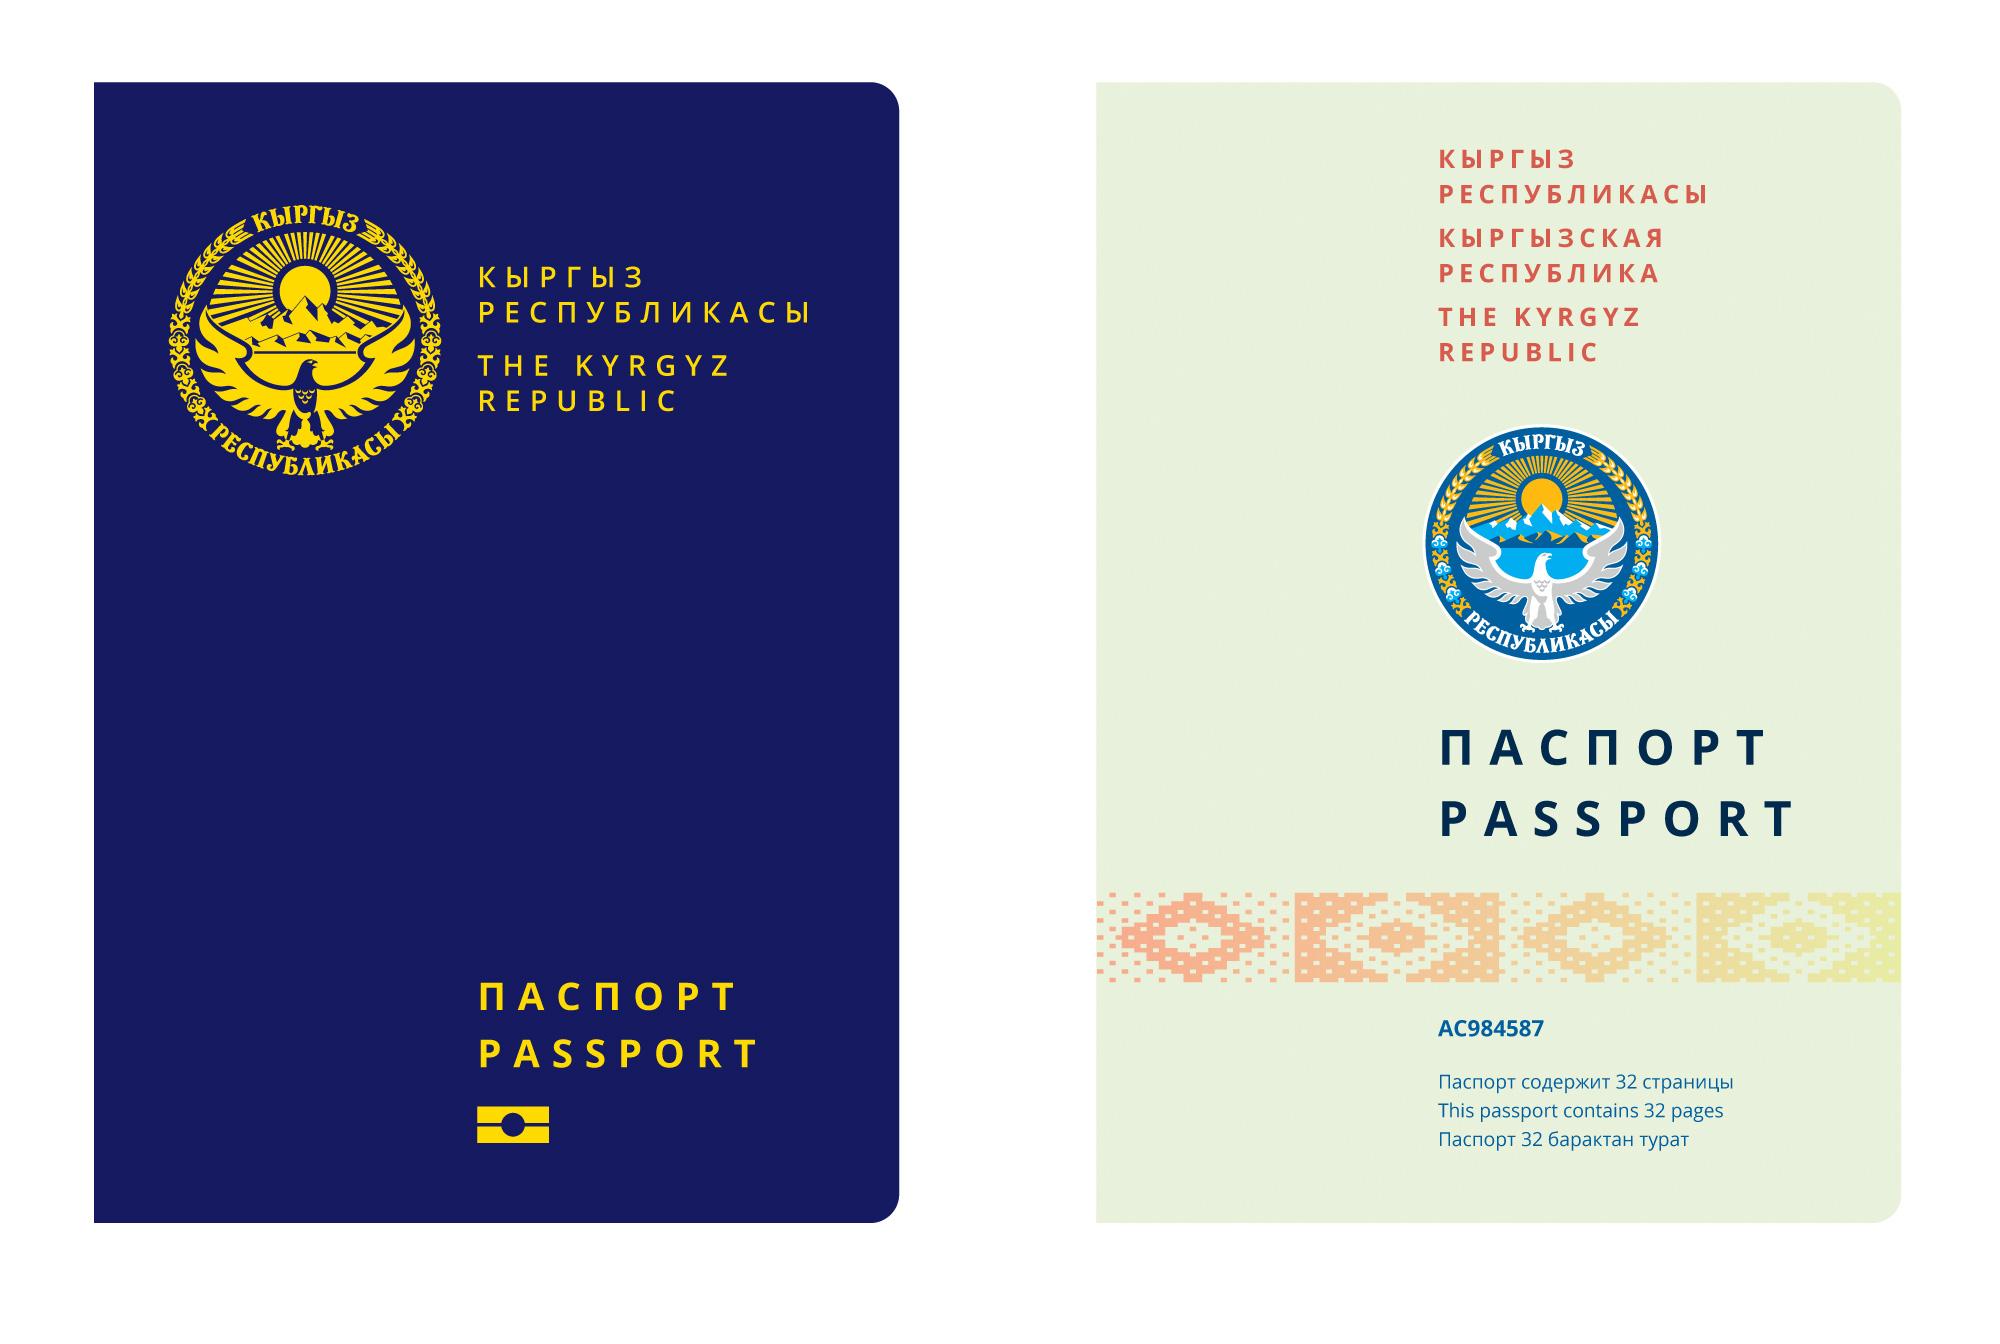 Новый паспорт 2018 кыргызстан